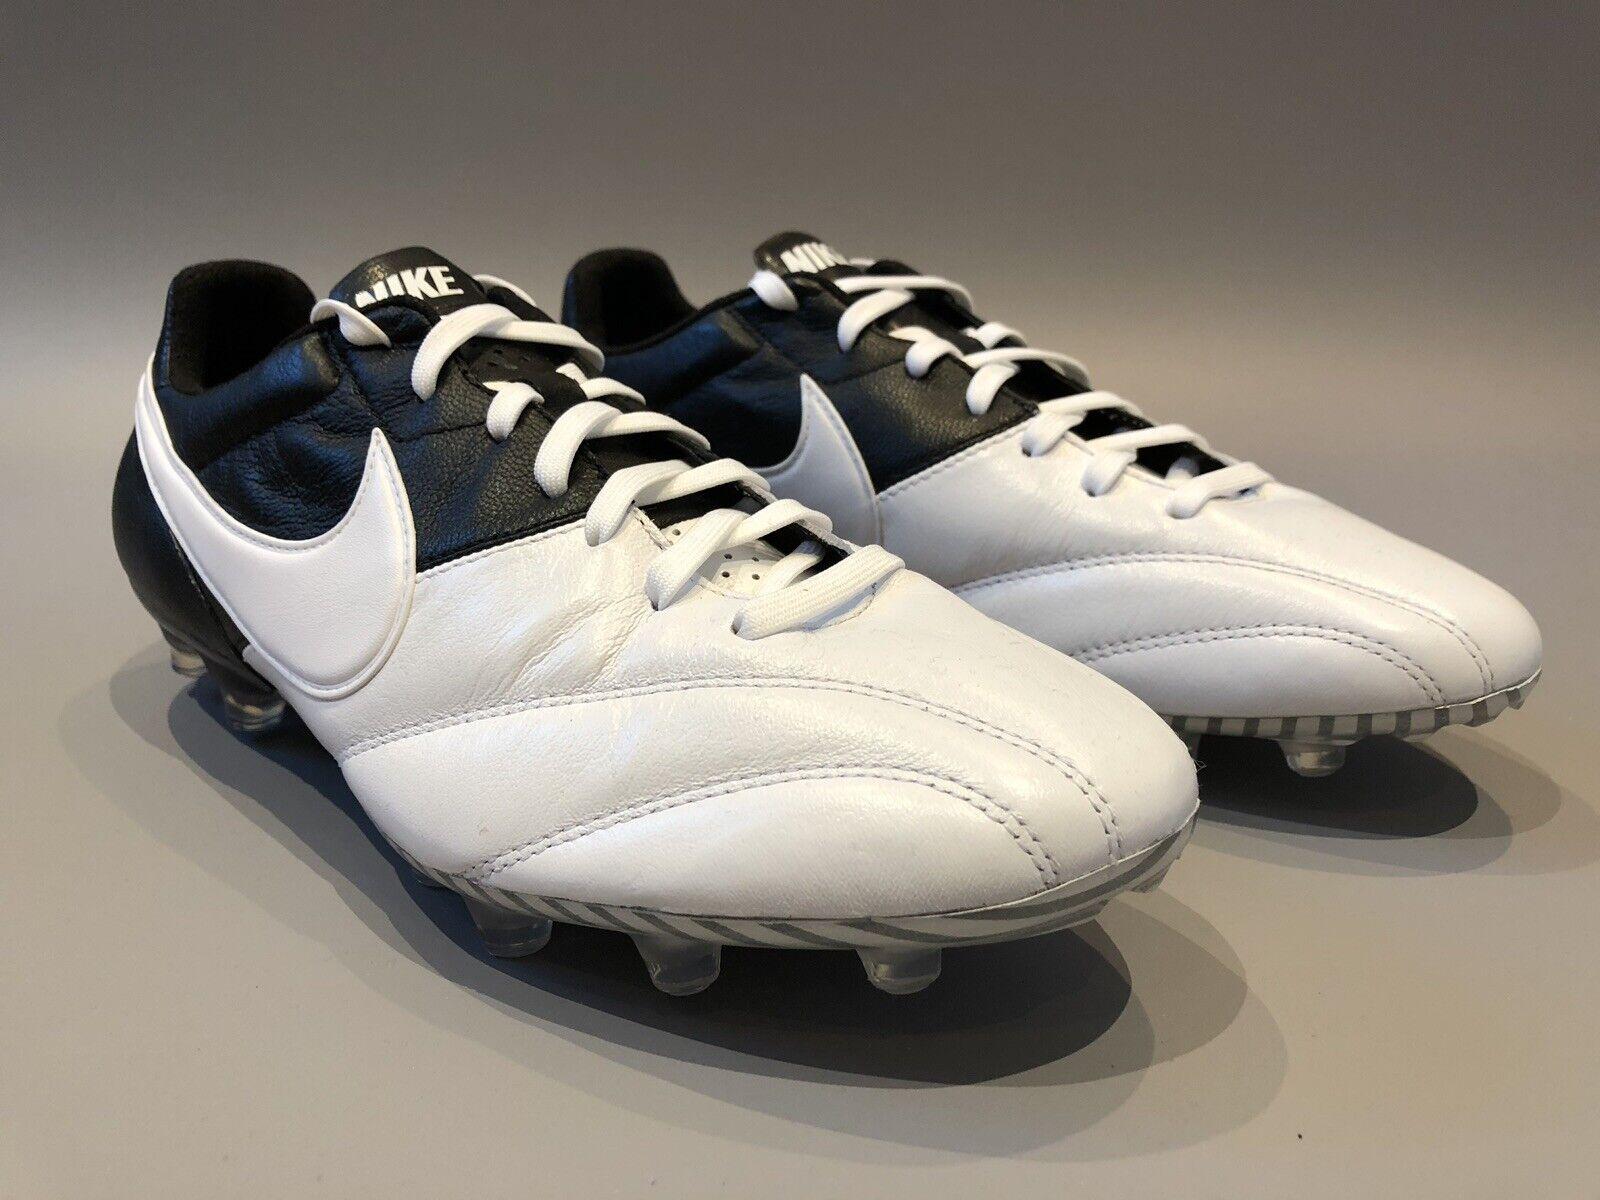 Las Nike Premier se6 EUR39 US6.5 100% Genuino 827140 011